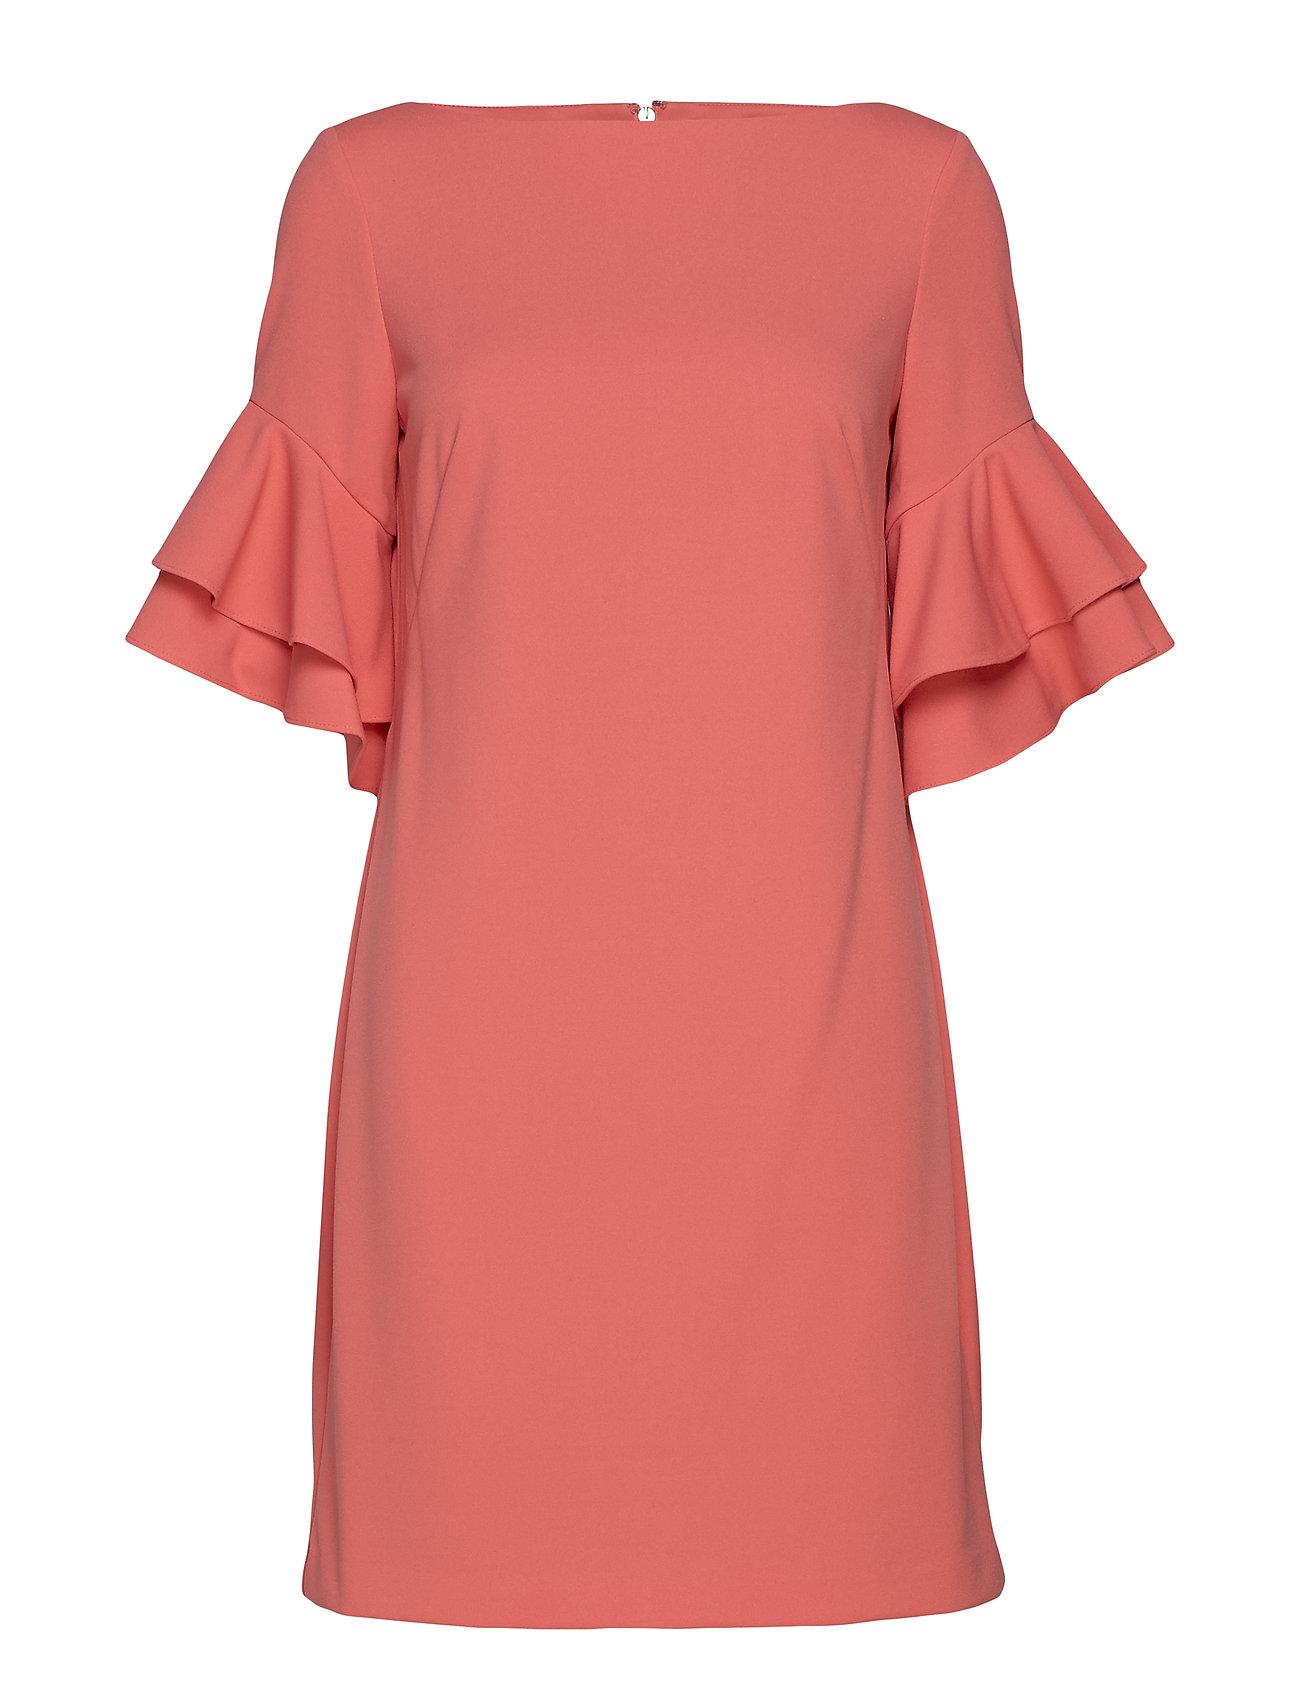 Lauren Ralph Lauren Ruffle-Sleeve Shift Dress - SUNSET ROSE